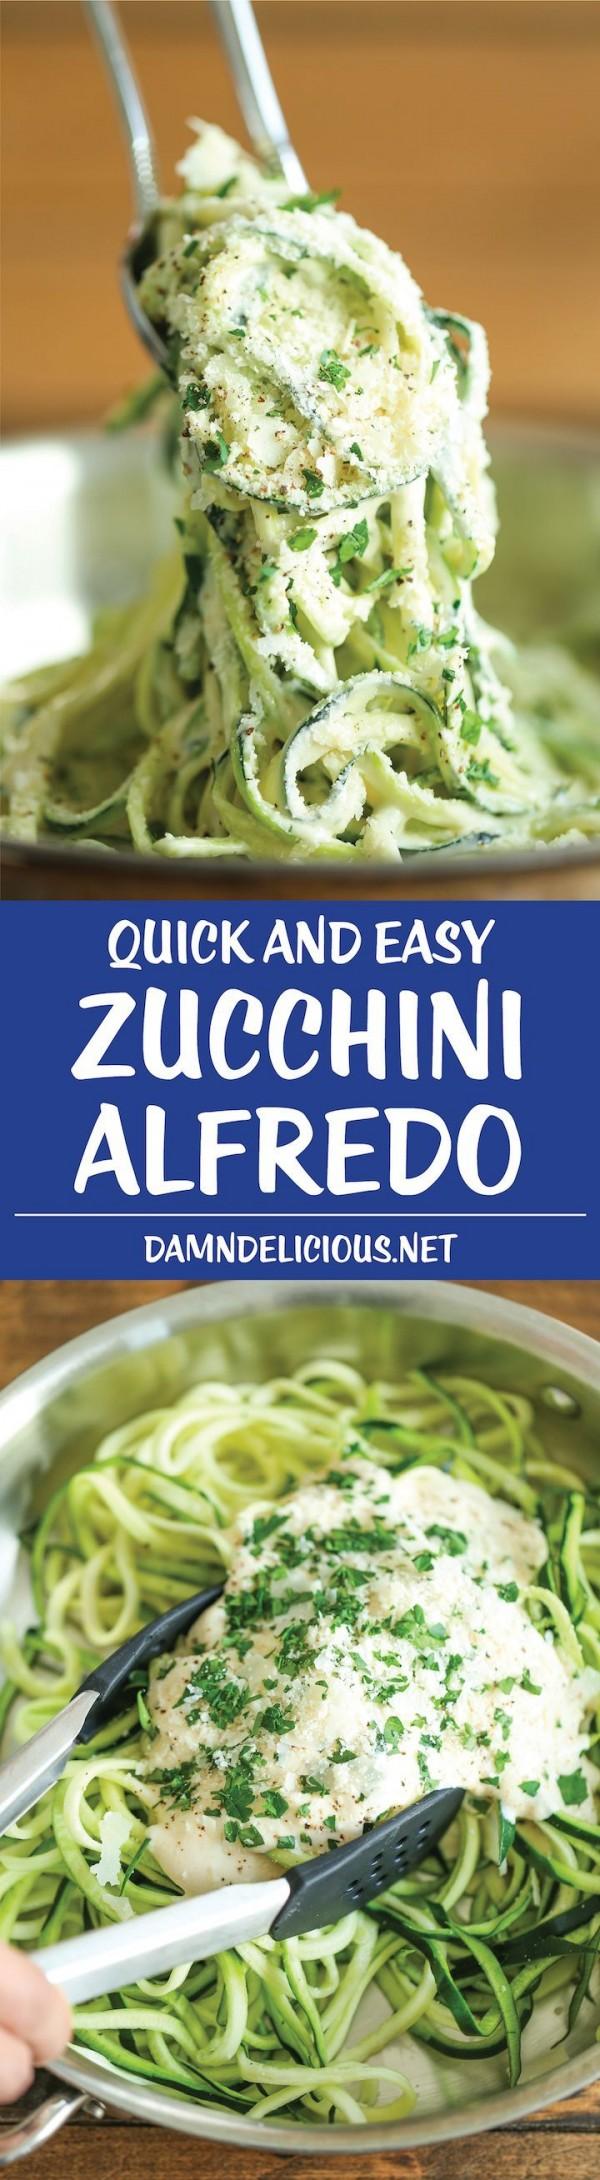 Get the recipe Zucchini Alfredo @recipes_to_go